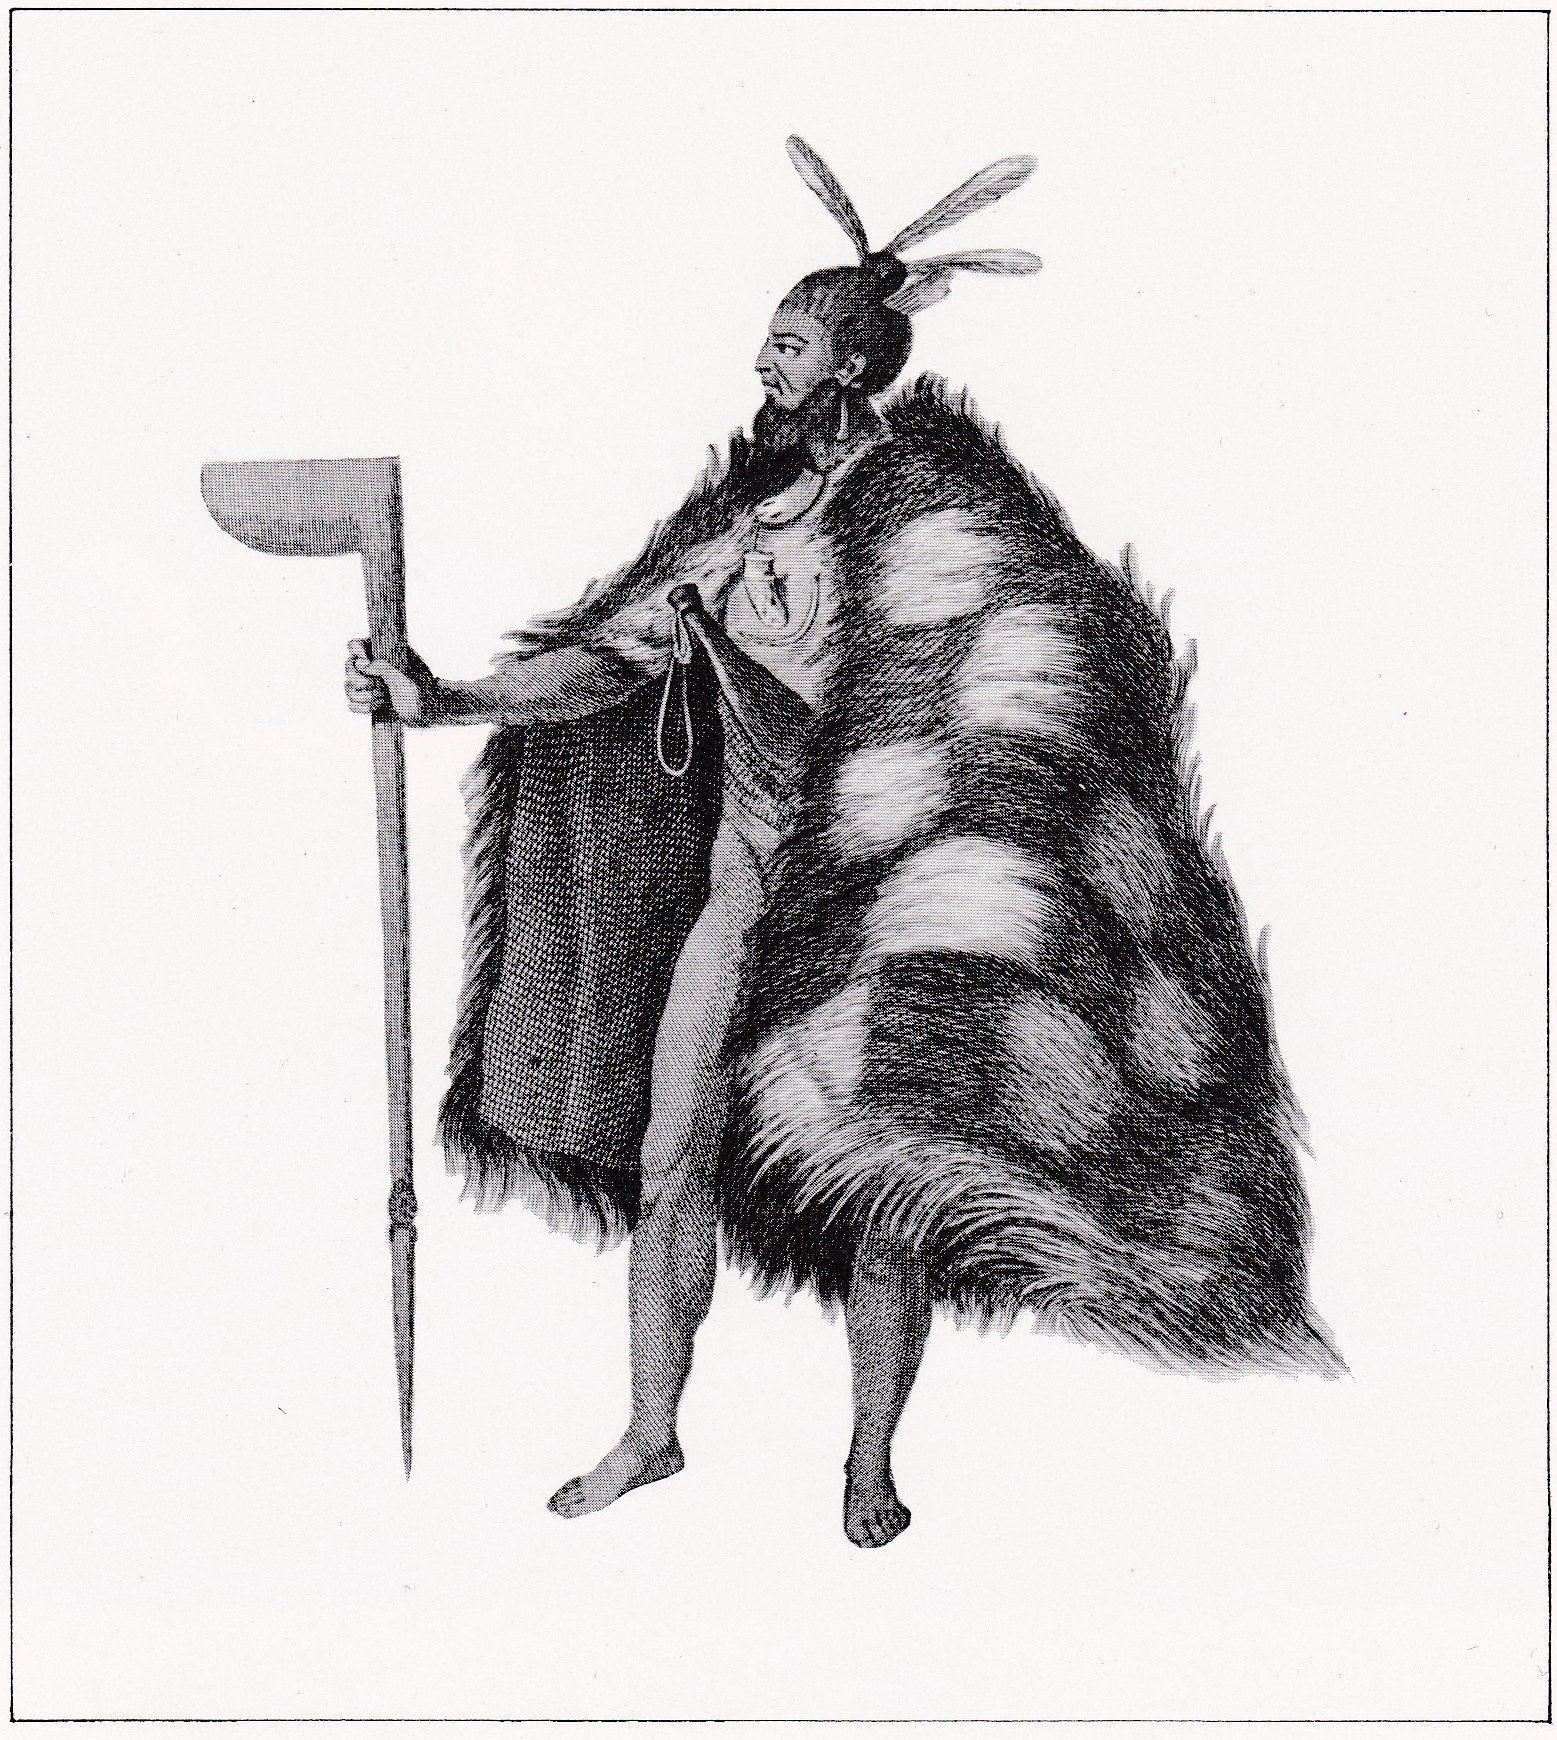 An eighteenth century warrior robed in a fine dogskin